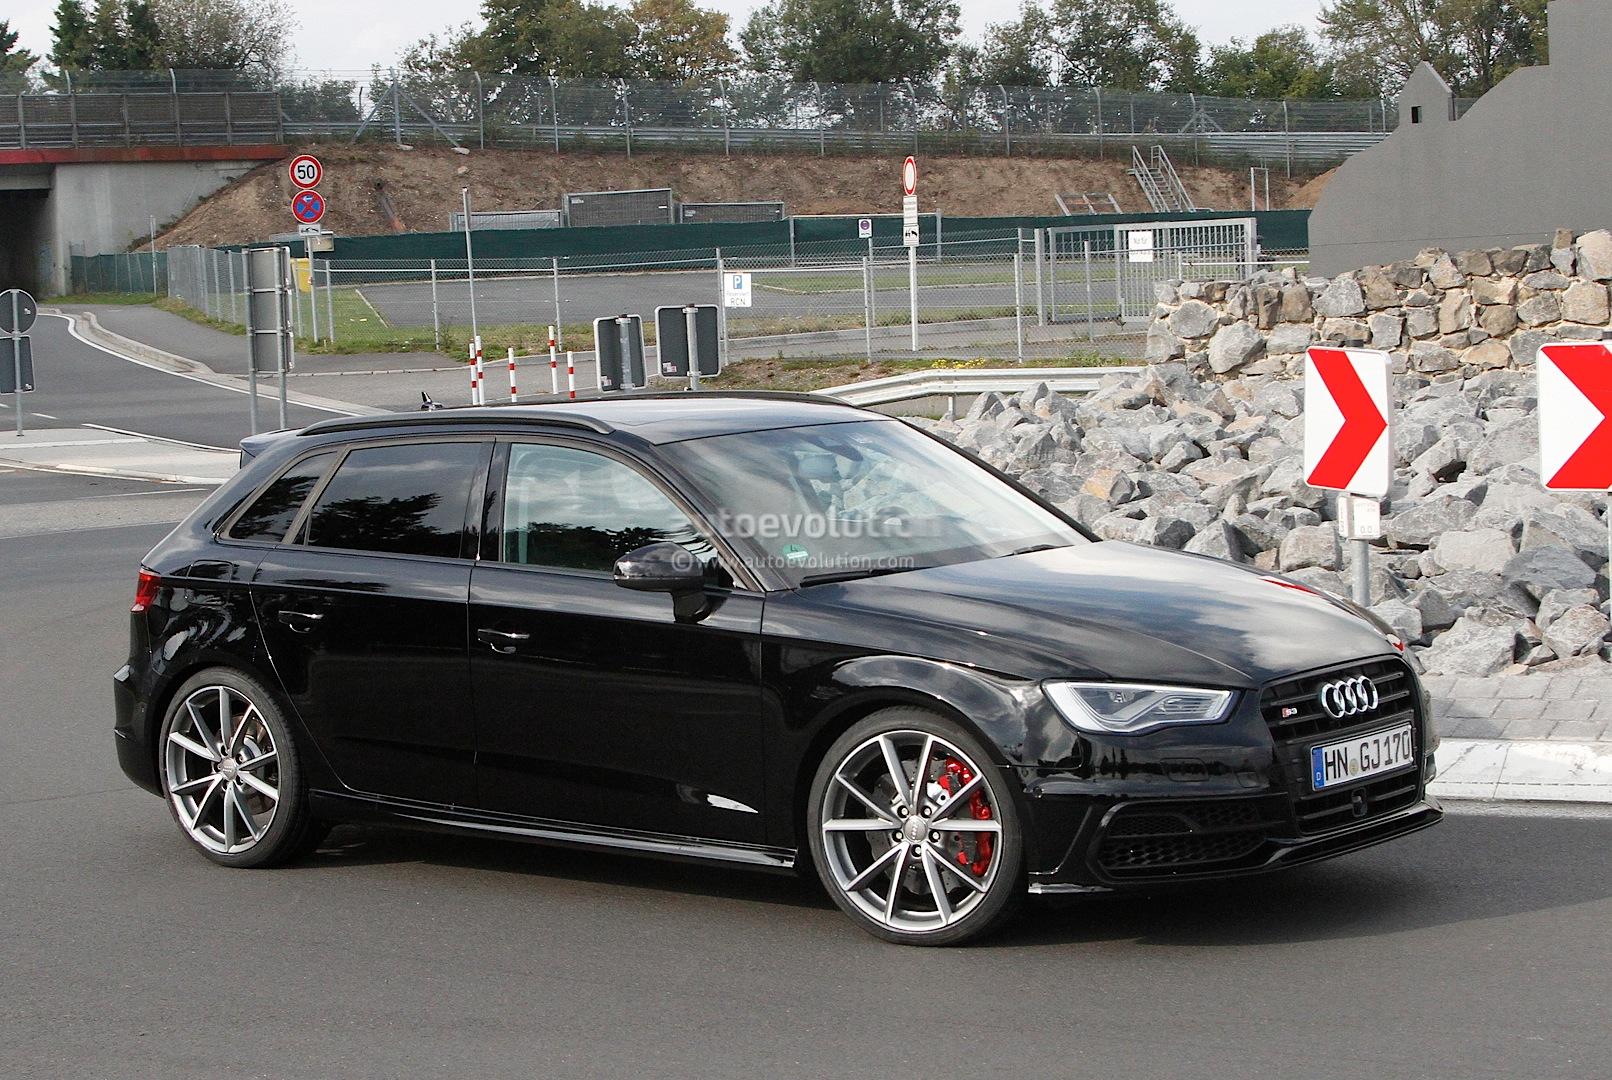 S0-La-future-Audi-RS3-surprise-aux-abords-du-Ring-304606